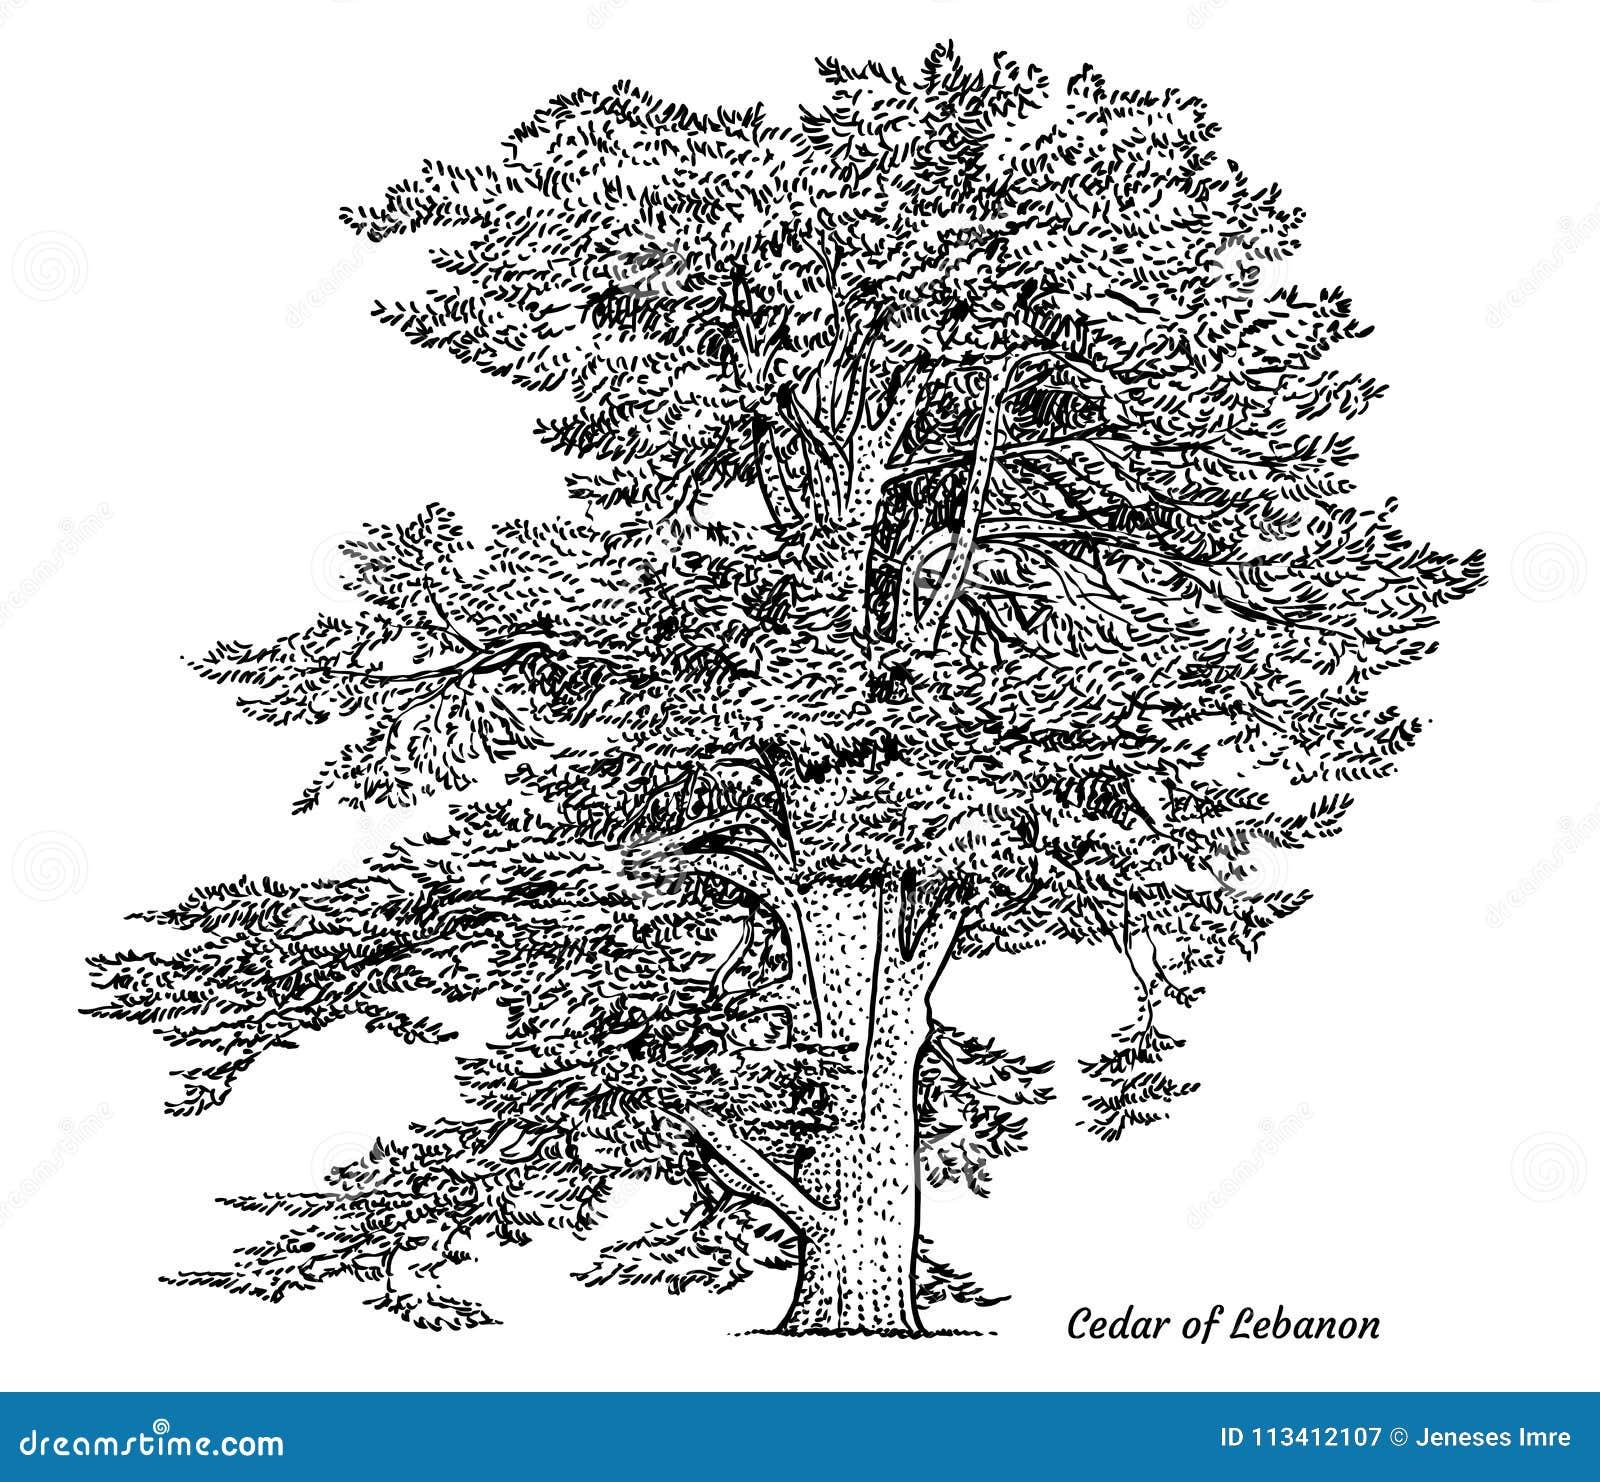 Cedro da ilustração da árvore de Líbano, desenho, gravura, tinta, linha arte, vetor